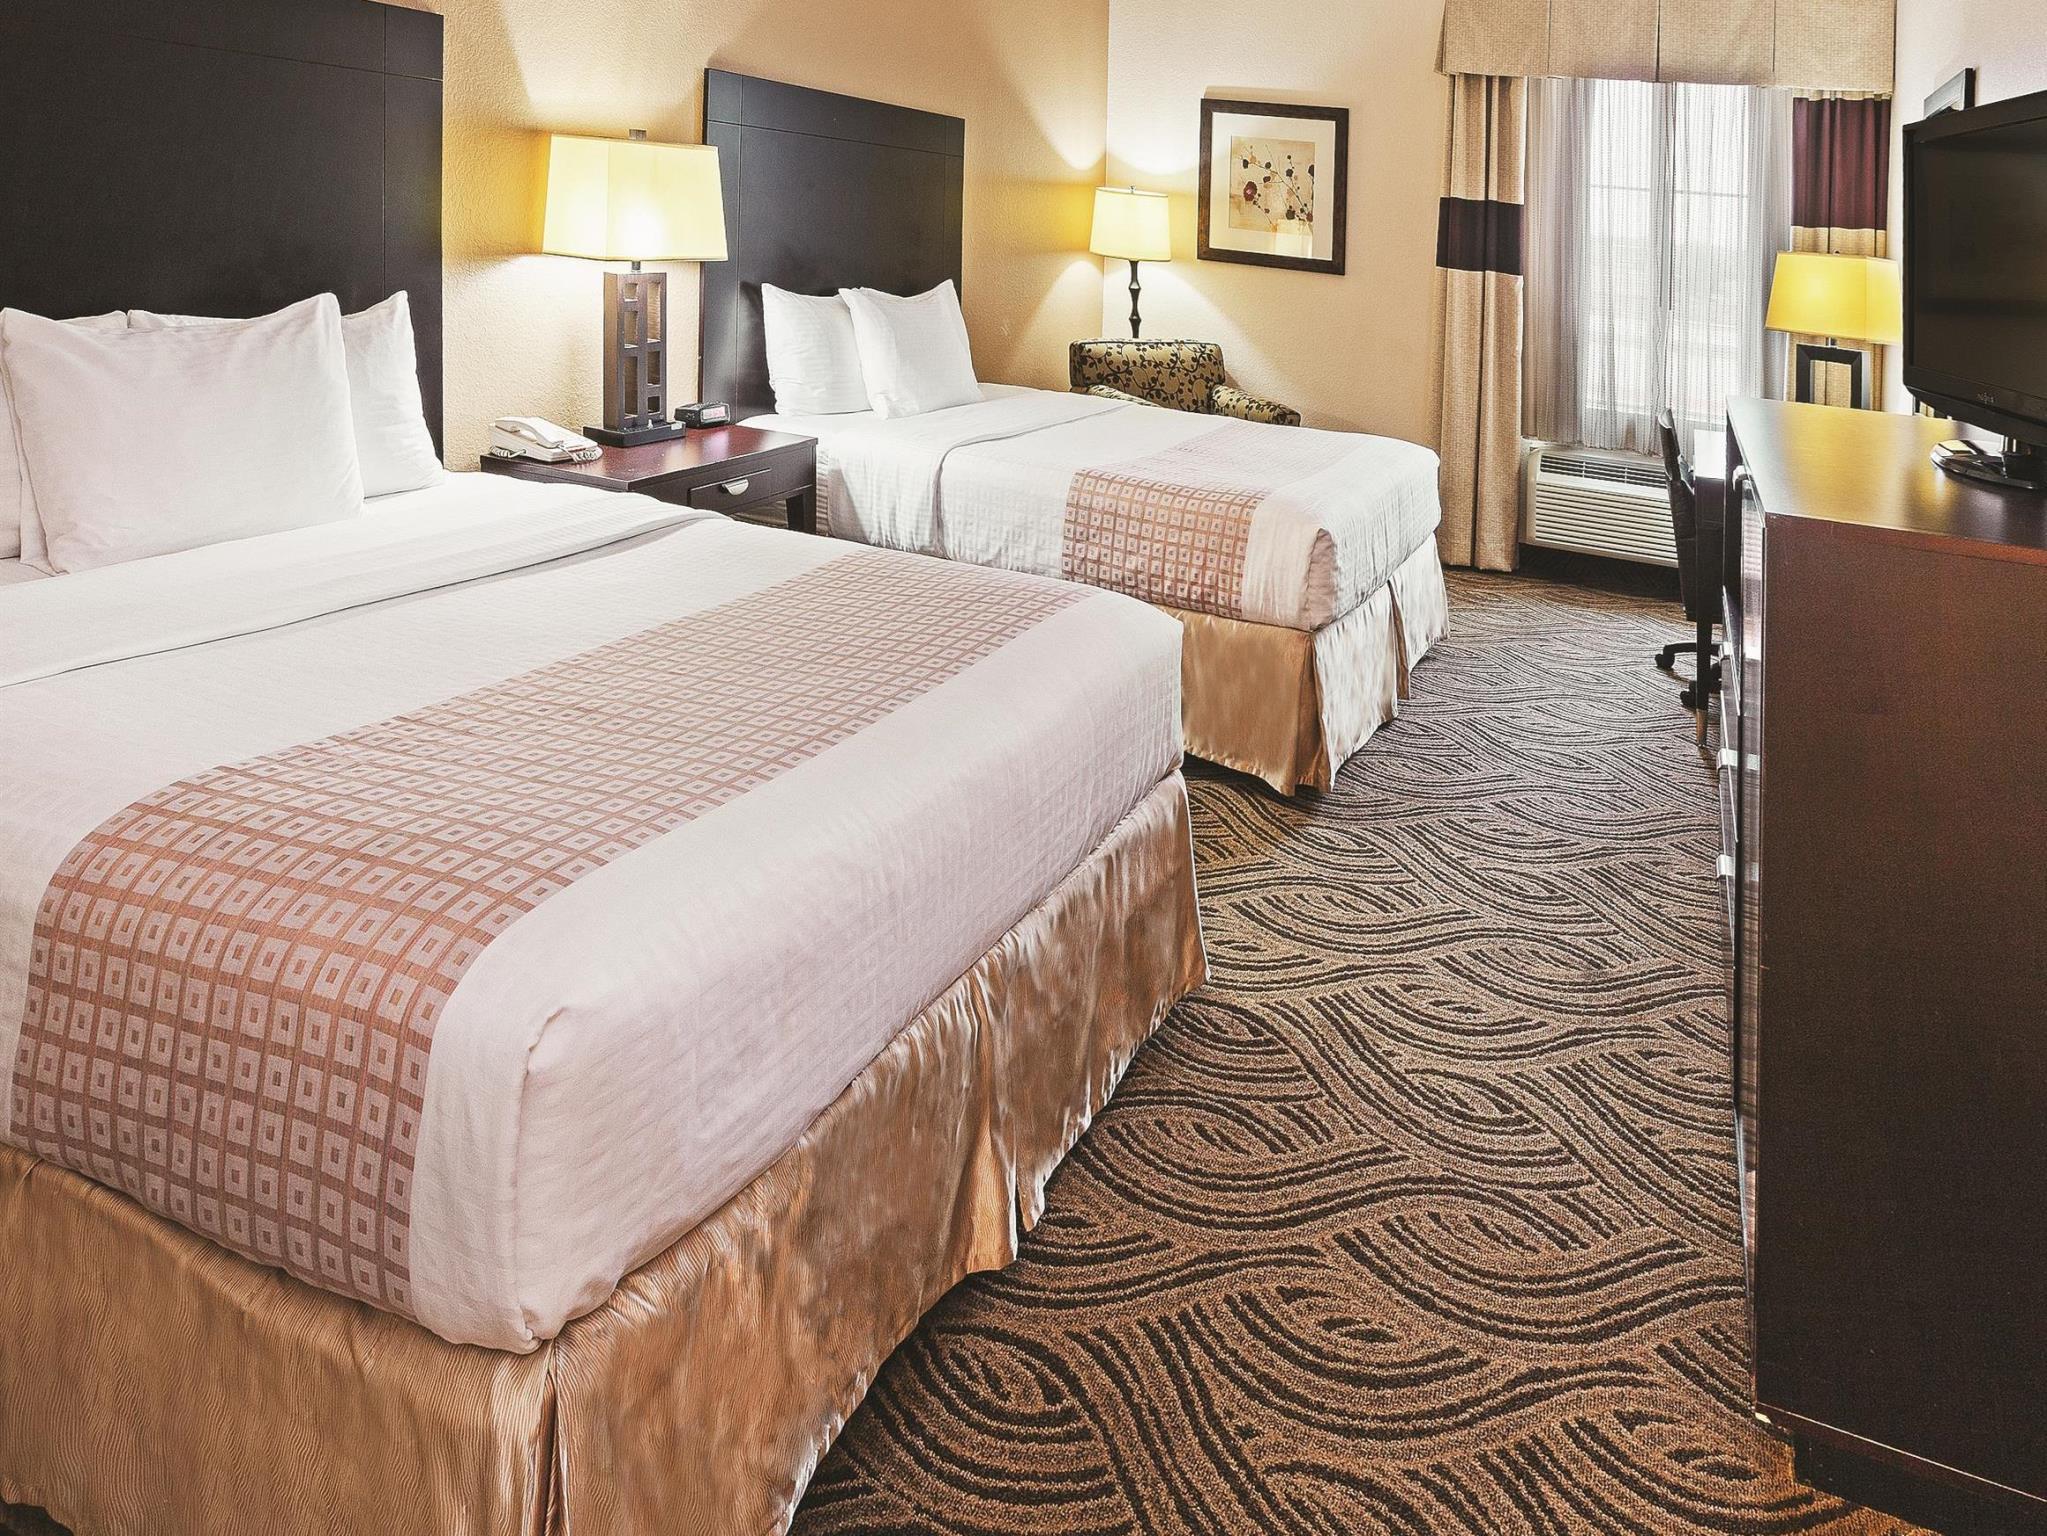 La Quinta Inn & Suites By Wyndham Burleson